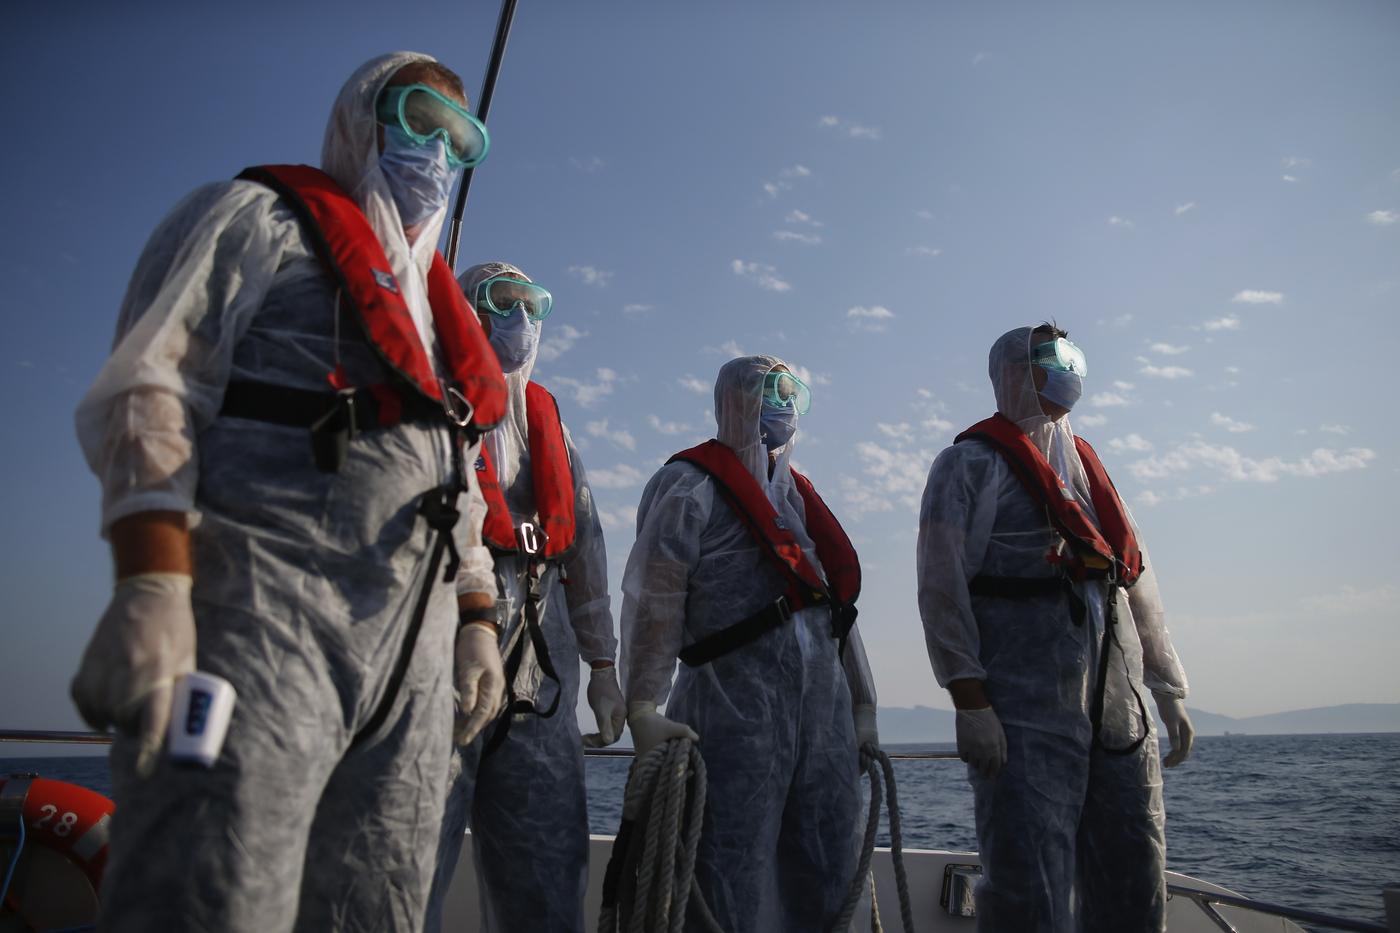 Salvataggio migranti Mar Egeo - Foto di repertorio